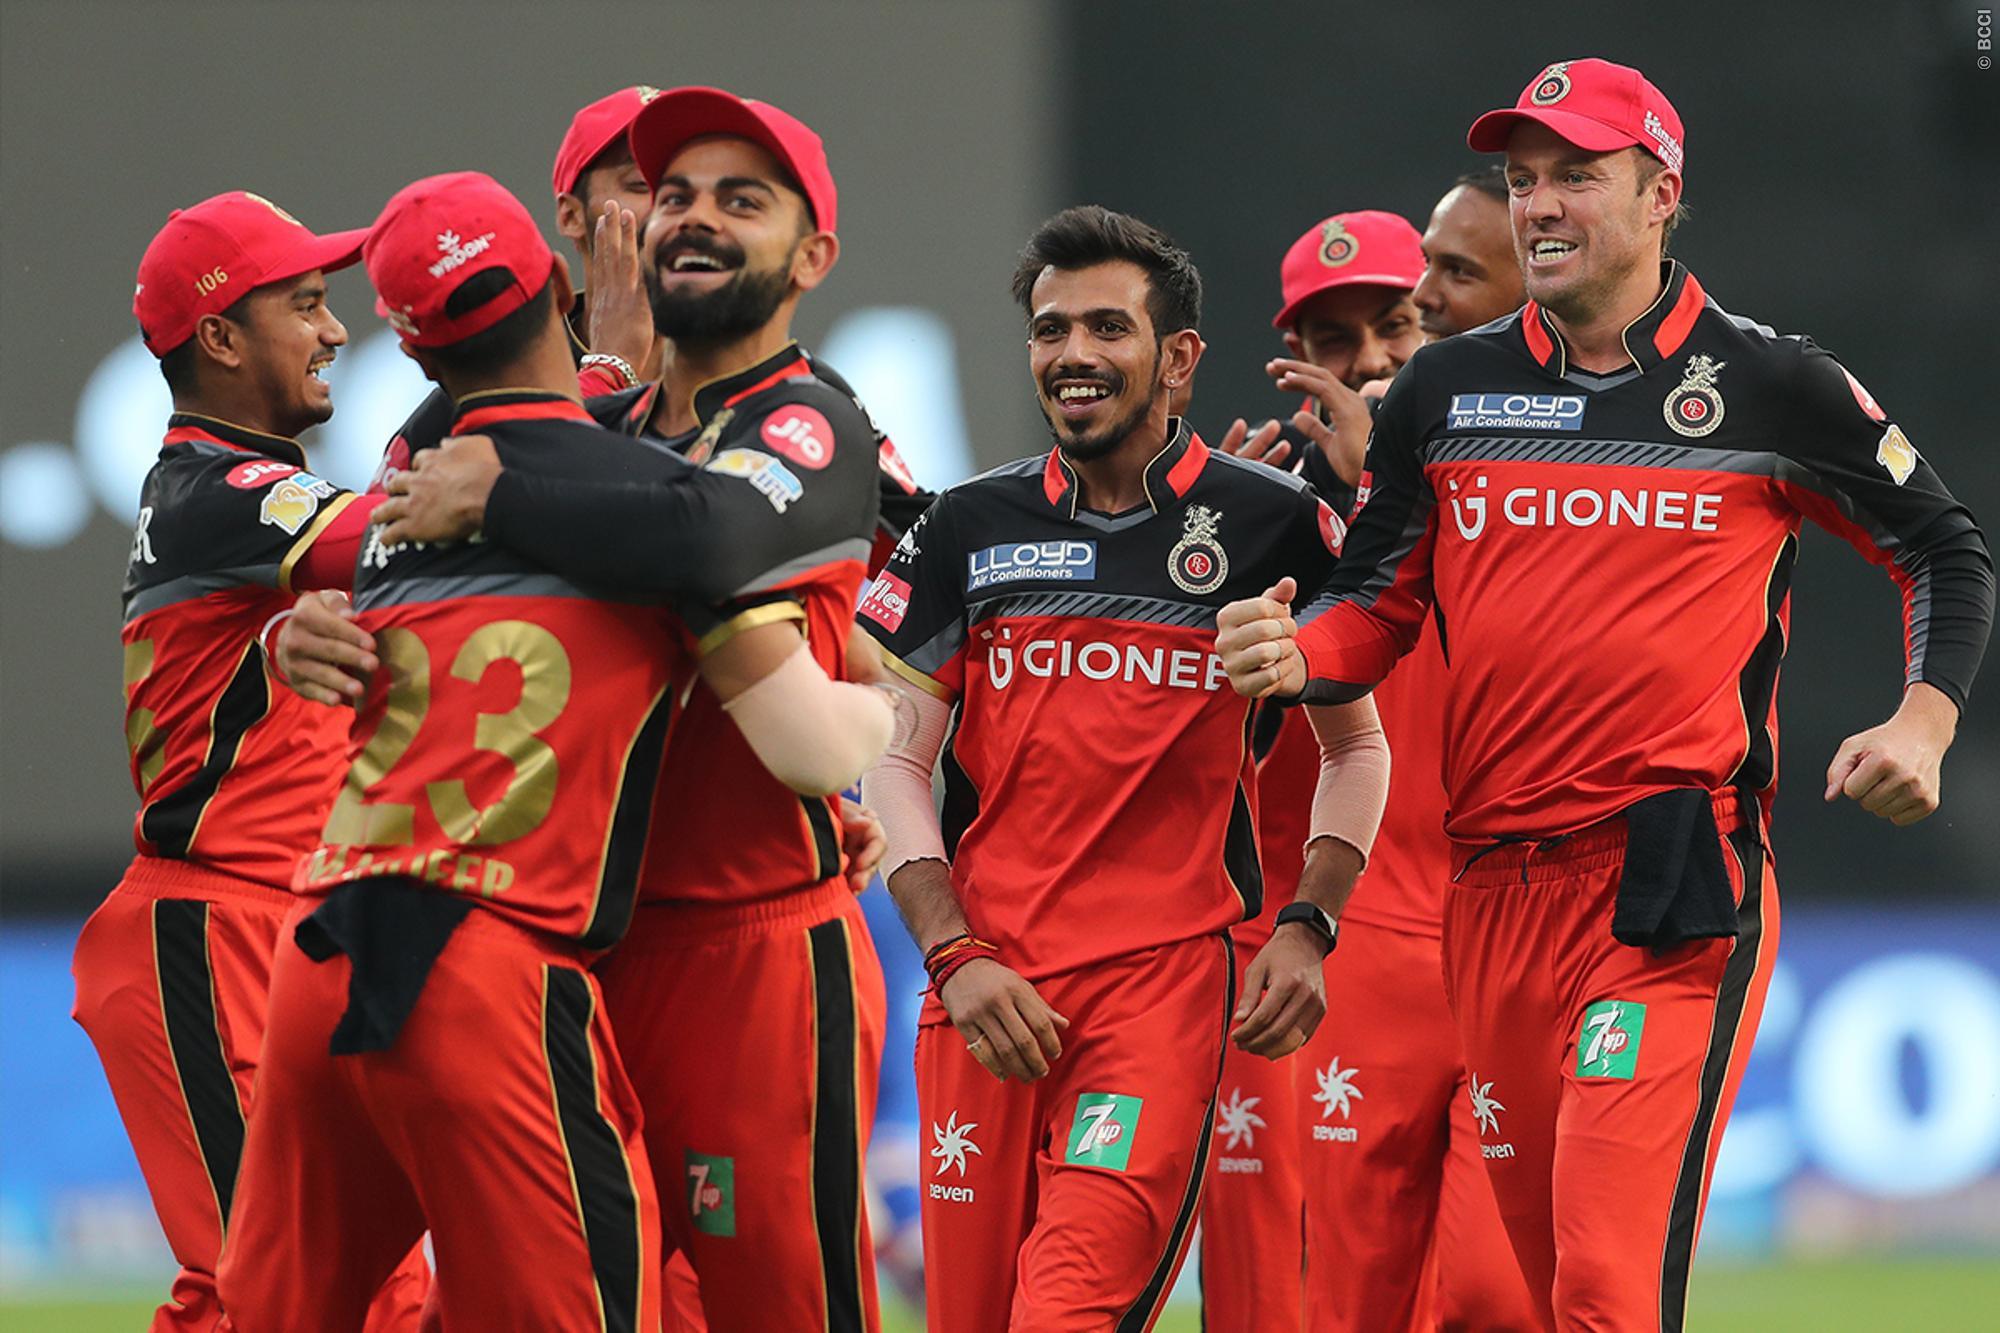 IPL 2019: इस 11 सदस्यीय टीम के साथ मुंबई इंडियंस के खिलाफ उतर सकती है रॉयल चैलेंजर्स बैंगलोर, टीम में होंगे ये 2 बदलाव 46